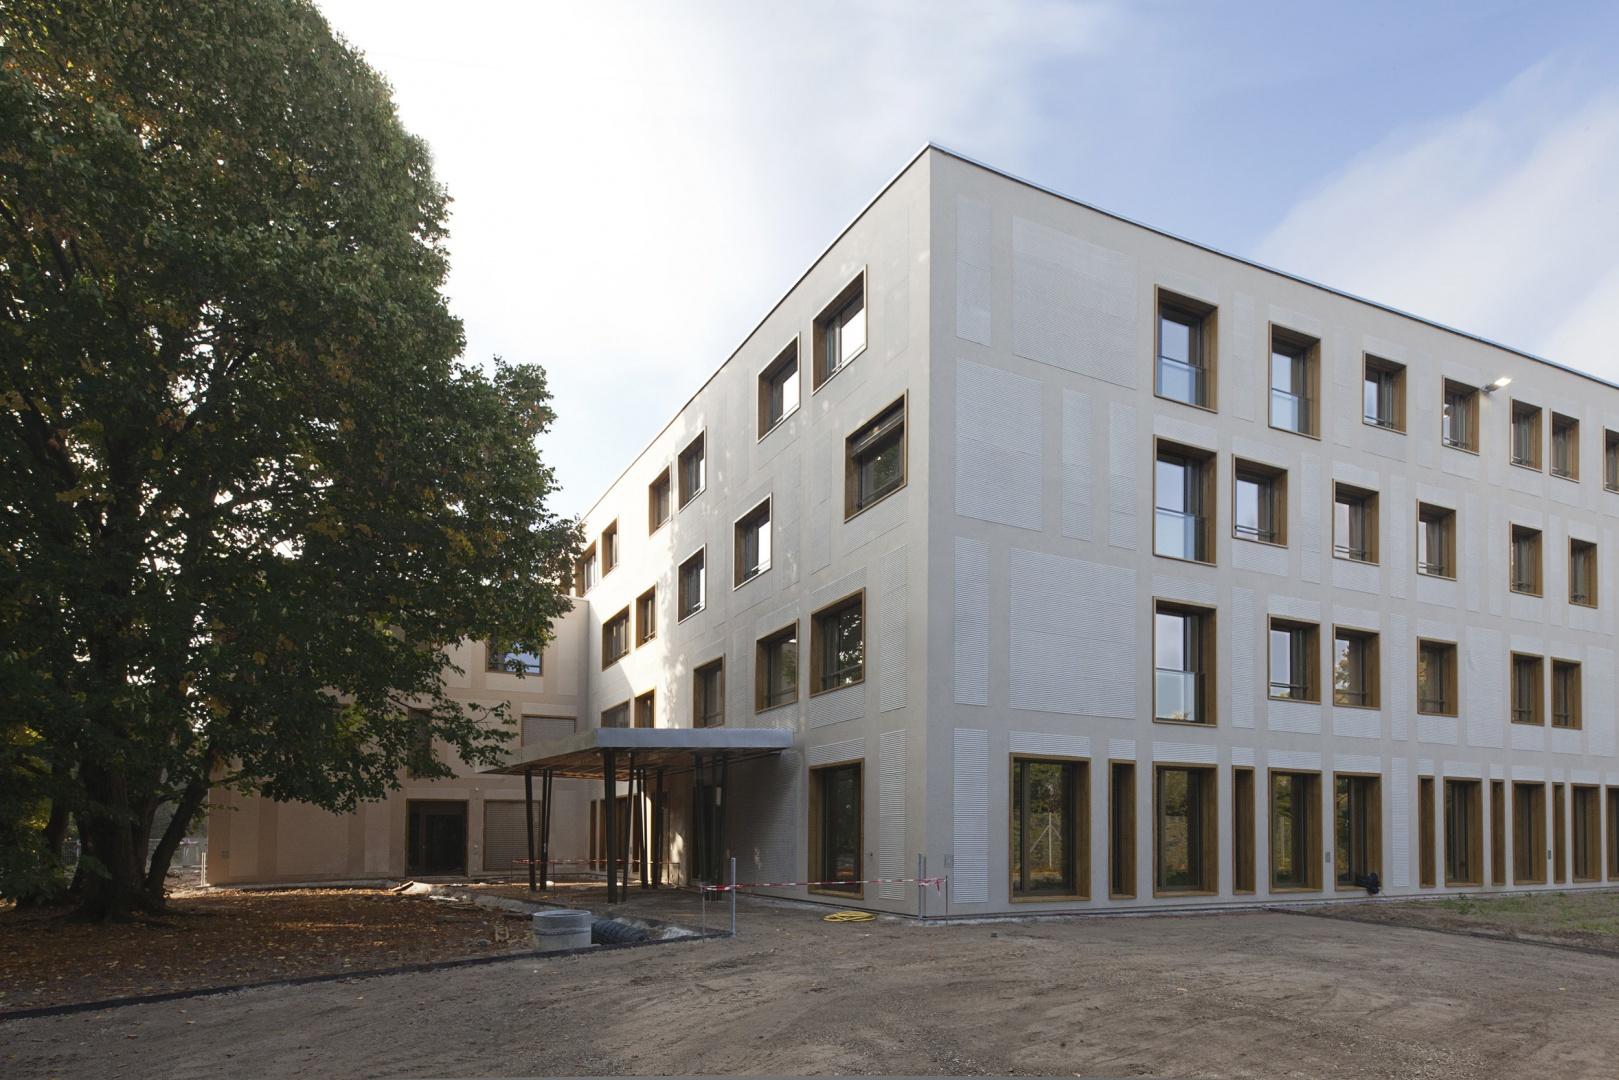 Kinder- und Jugendpsychiatrisches Zentrum Königsfelden, Windisch © Daniel Erne, Photography GmbH Waidlistrasse 12, 8810 Horgen